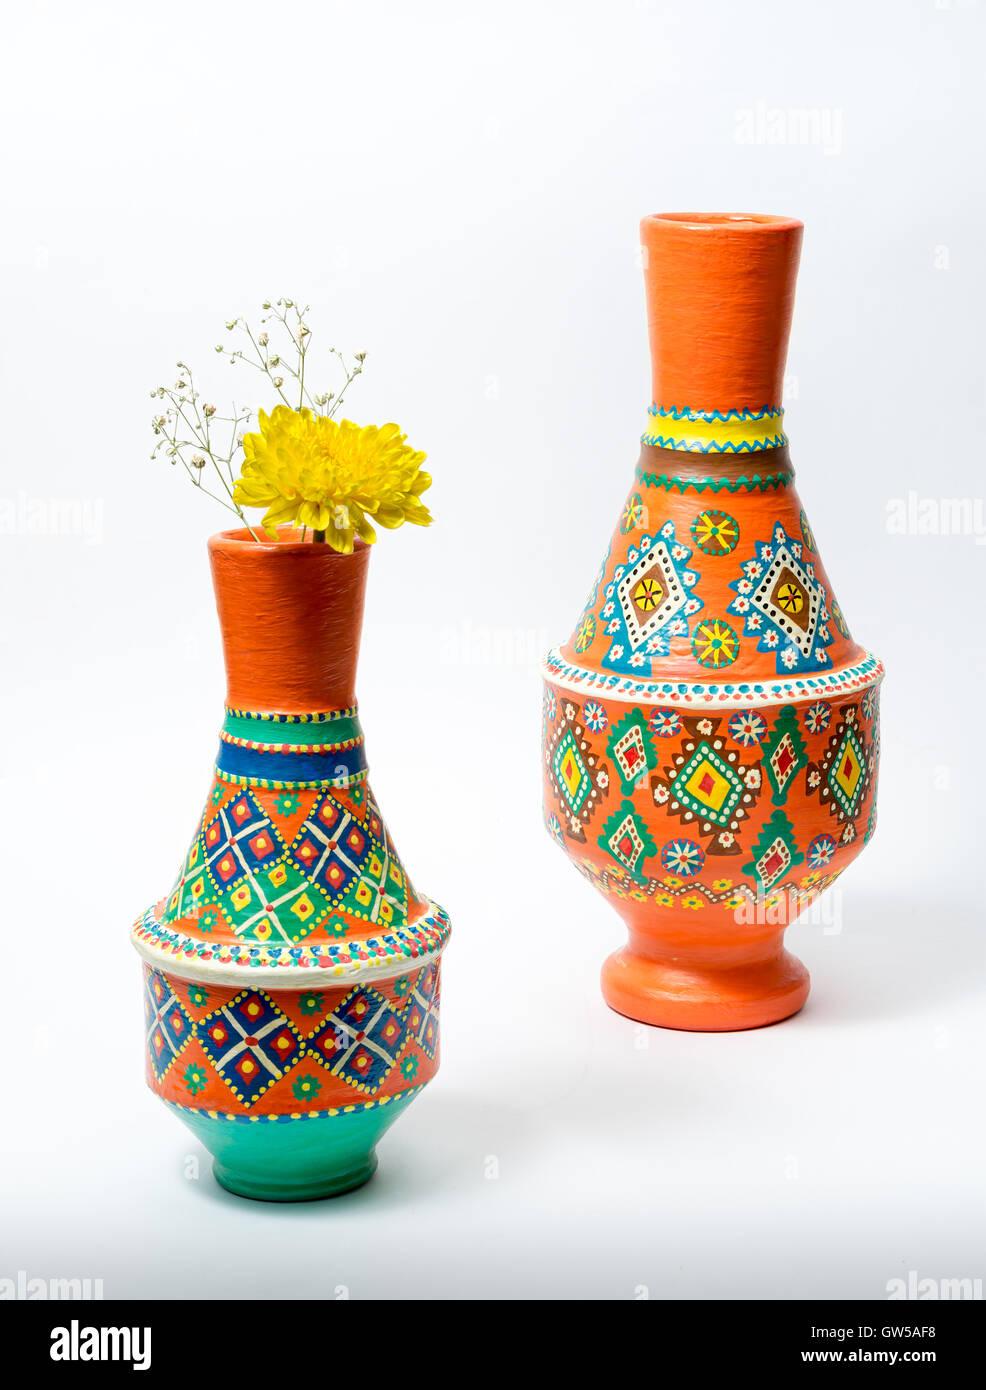 Still Life Composition De Deux Vases De Ceramique Colores Avec Une